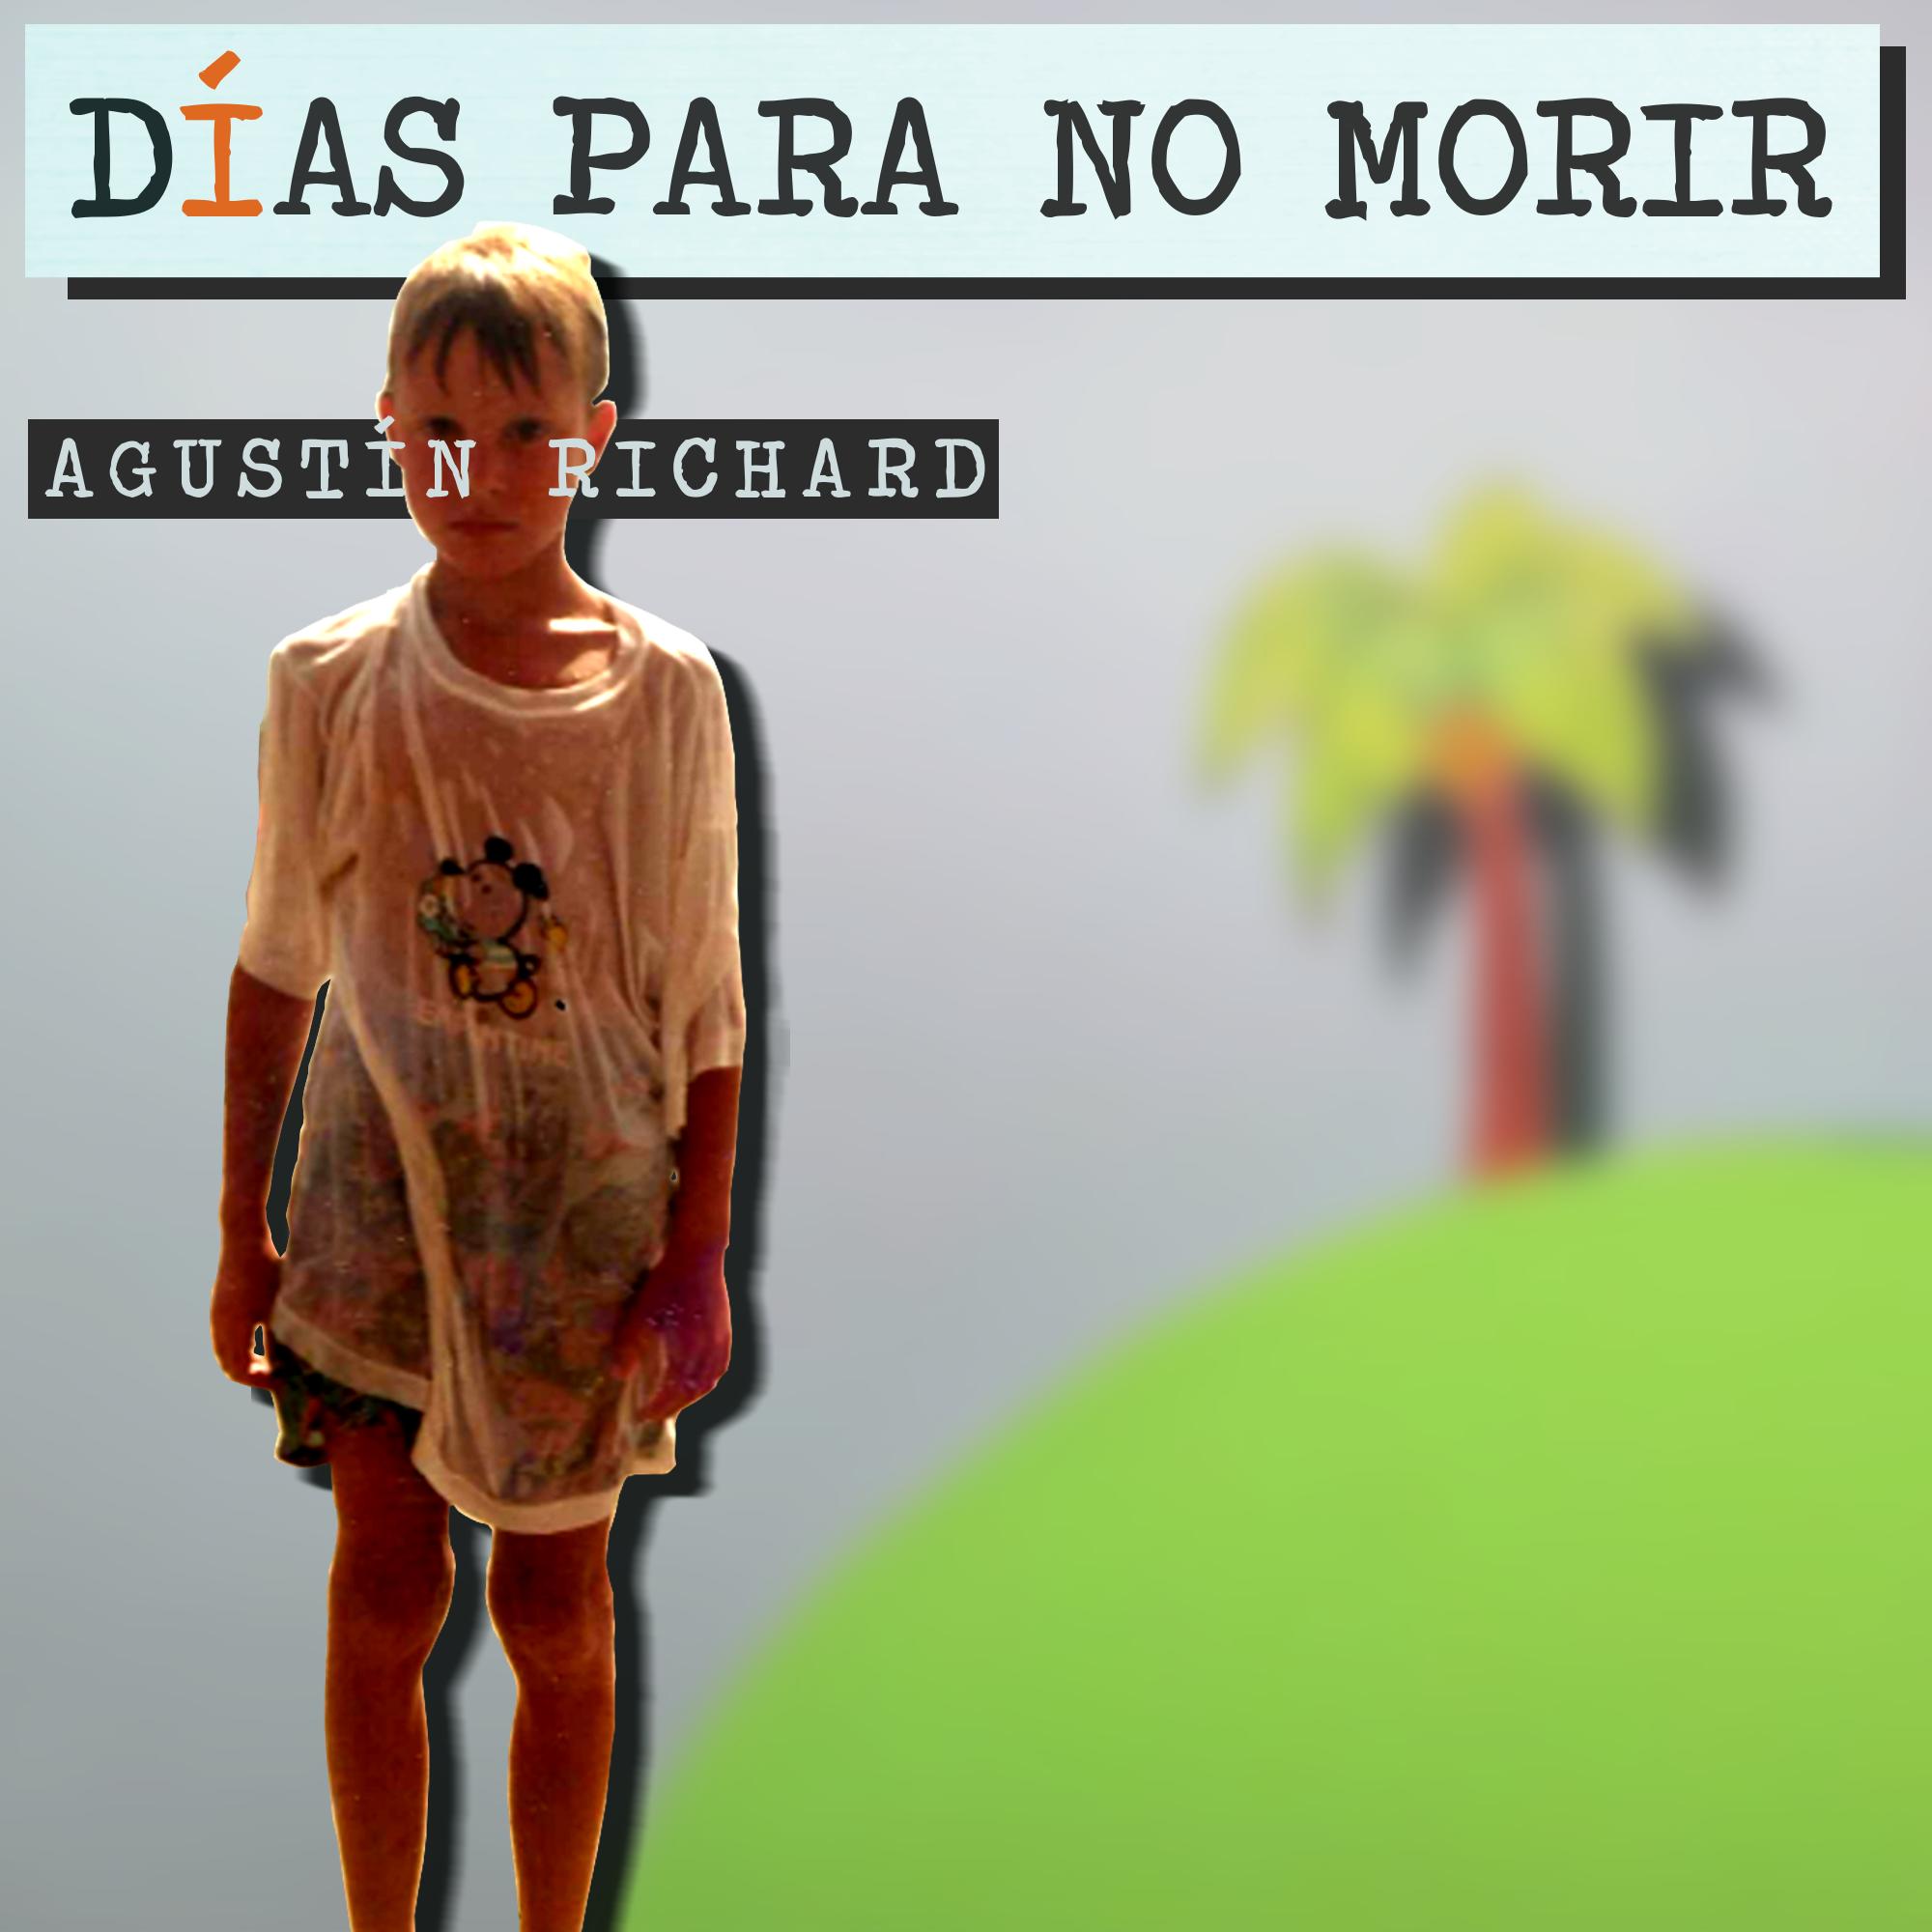 Agustin Richard - Días Para No Morir